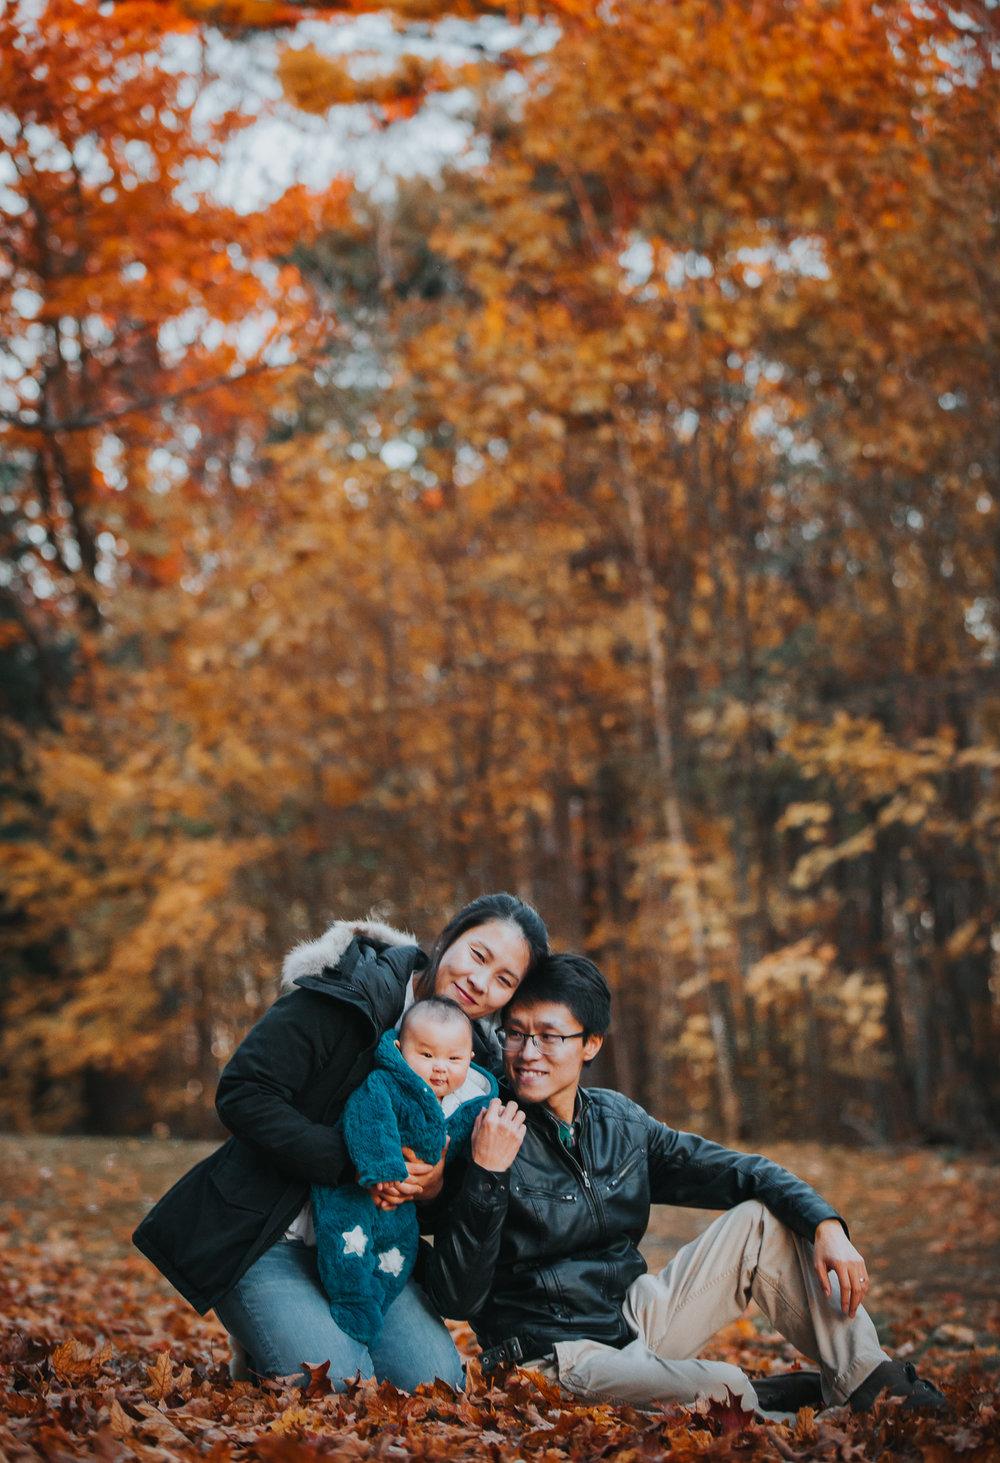 Montreal-baby-children-photographer-Studio-Wei161107-25.jpg